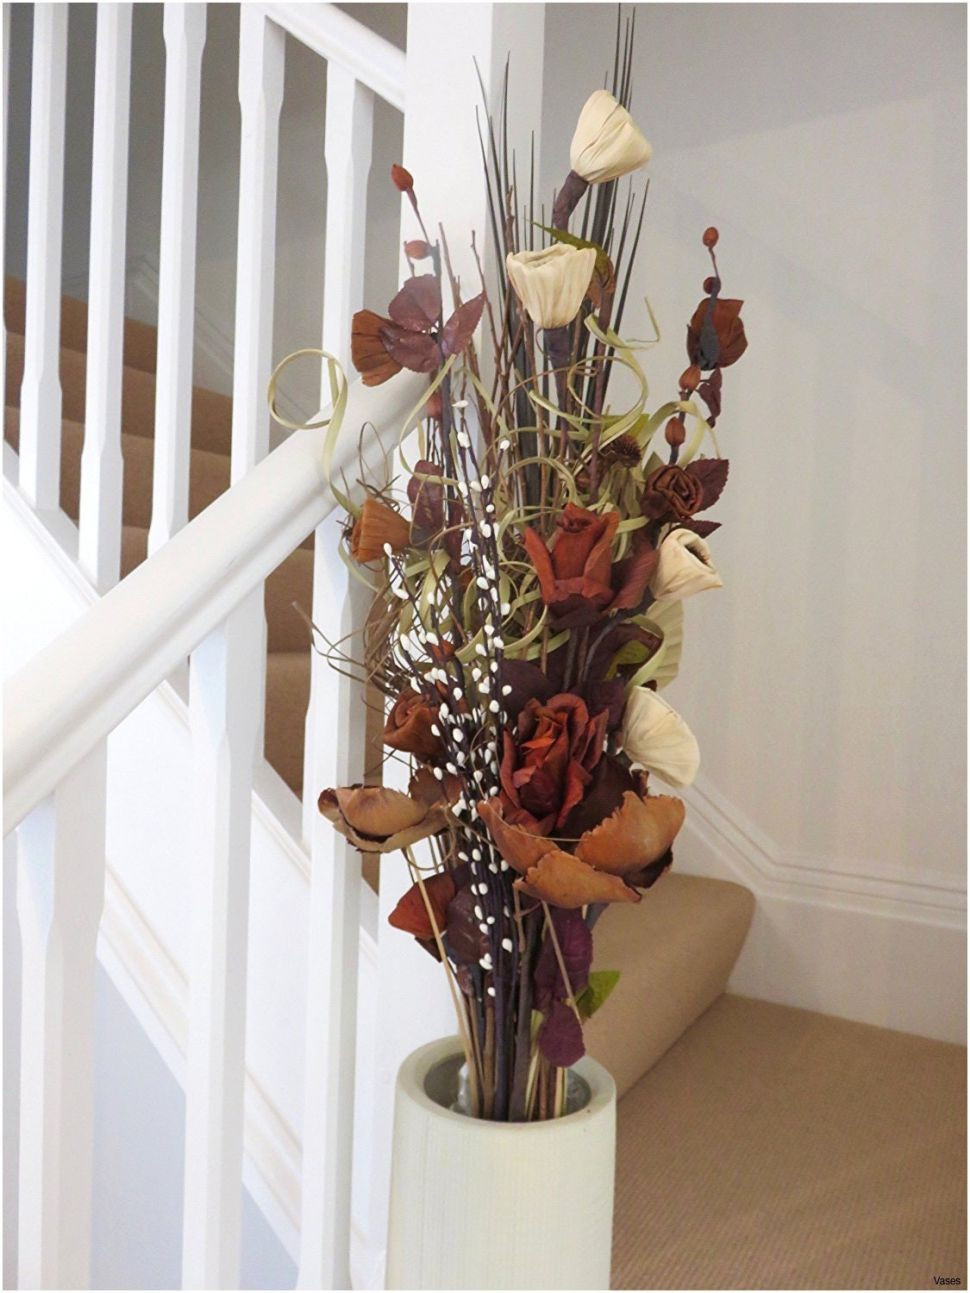 vase fillers sticks of 10 awesome red vases bogekompresorturkiye com within red artificial flowers shocking h vases artificial flower arrangements i 0d design dry flower design 1125